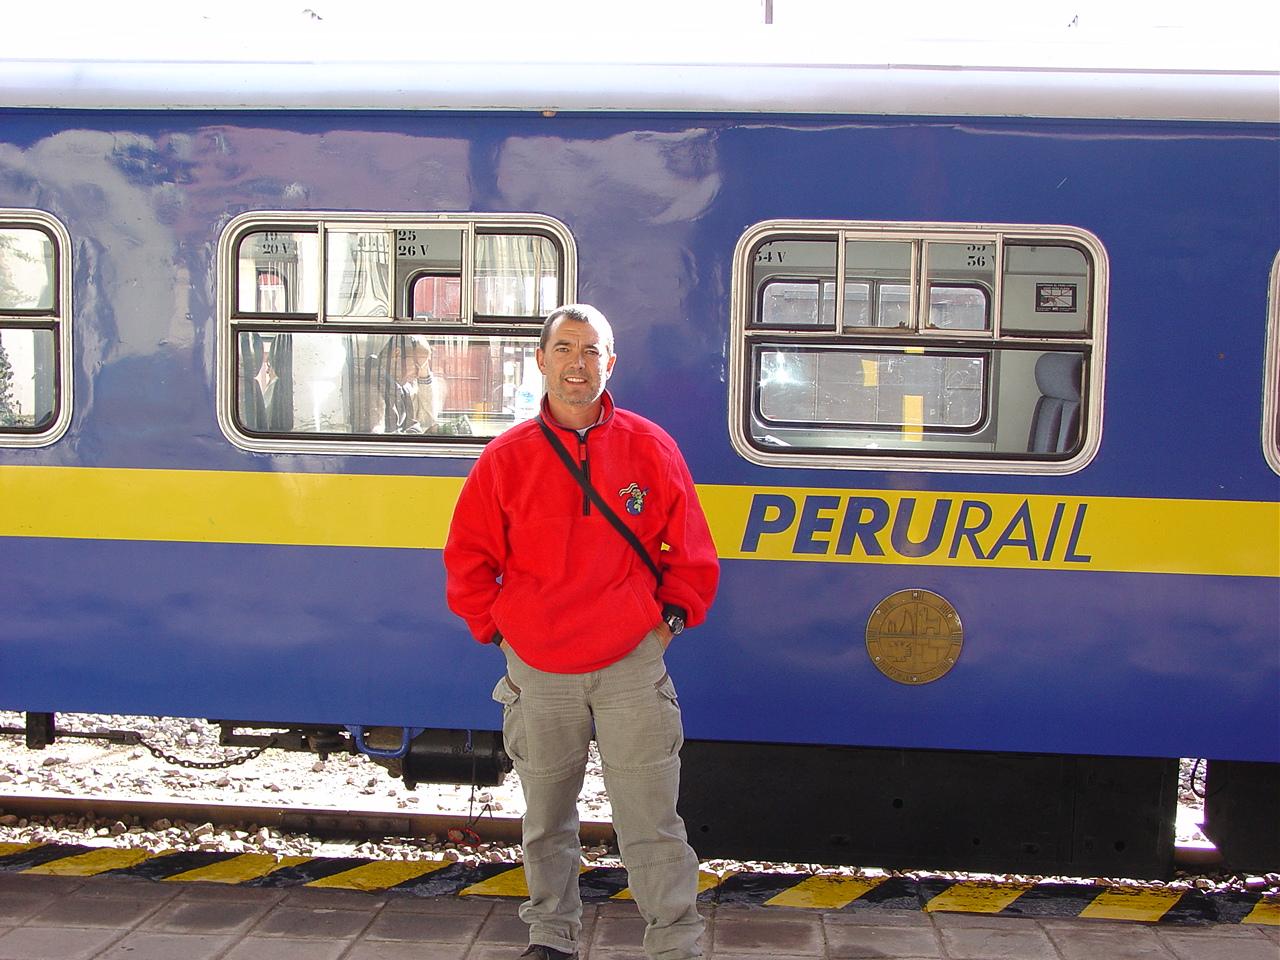 El tren, uno de mis medios de transporte favoritos, este me llevó de Perú a Bolivia